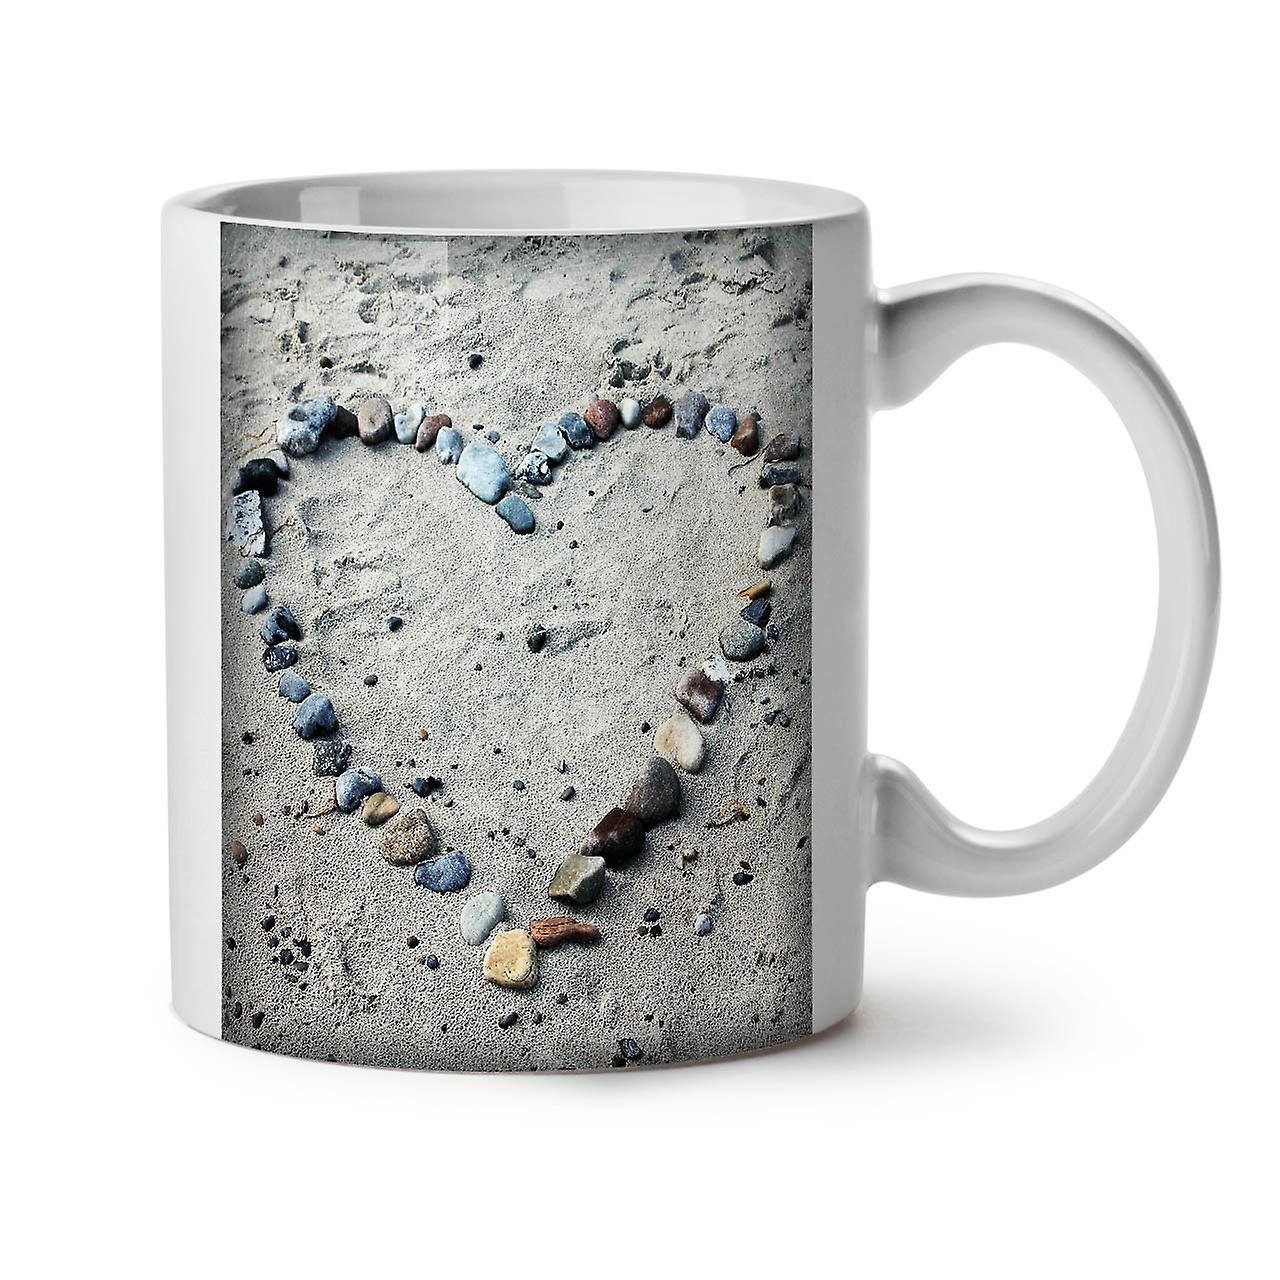 De 11 Thé Tasse Love OzWellcoda Nature Céramique Café Plage Blanc Rock Nouveau lc3FTJK1